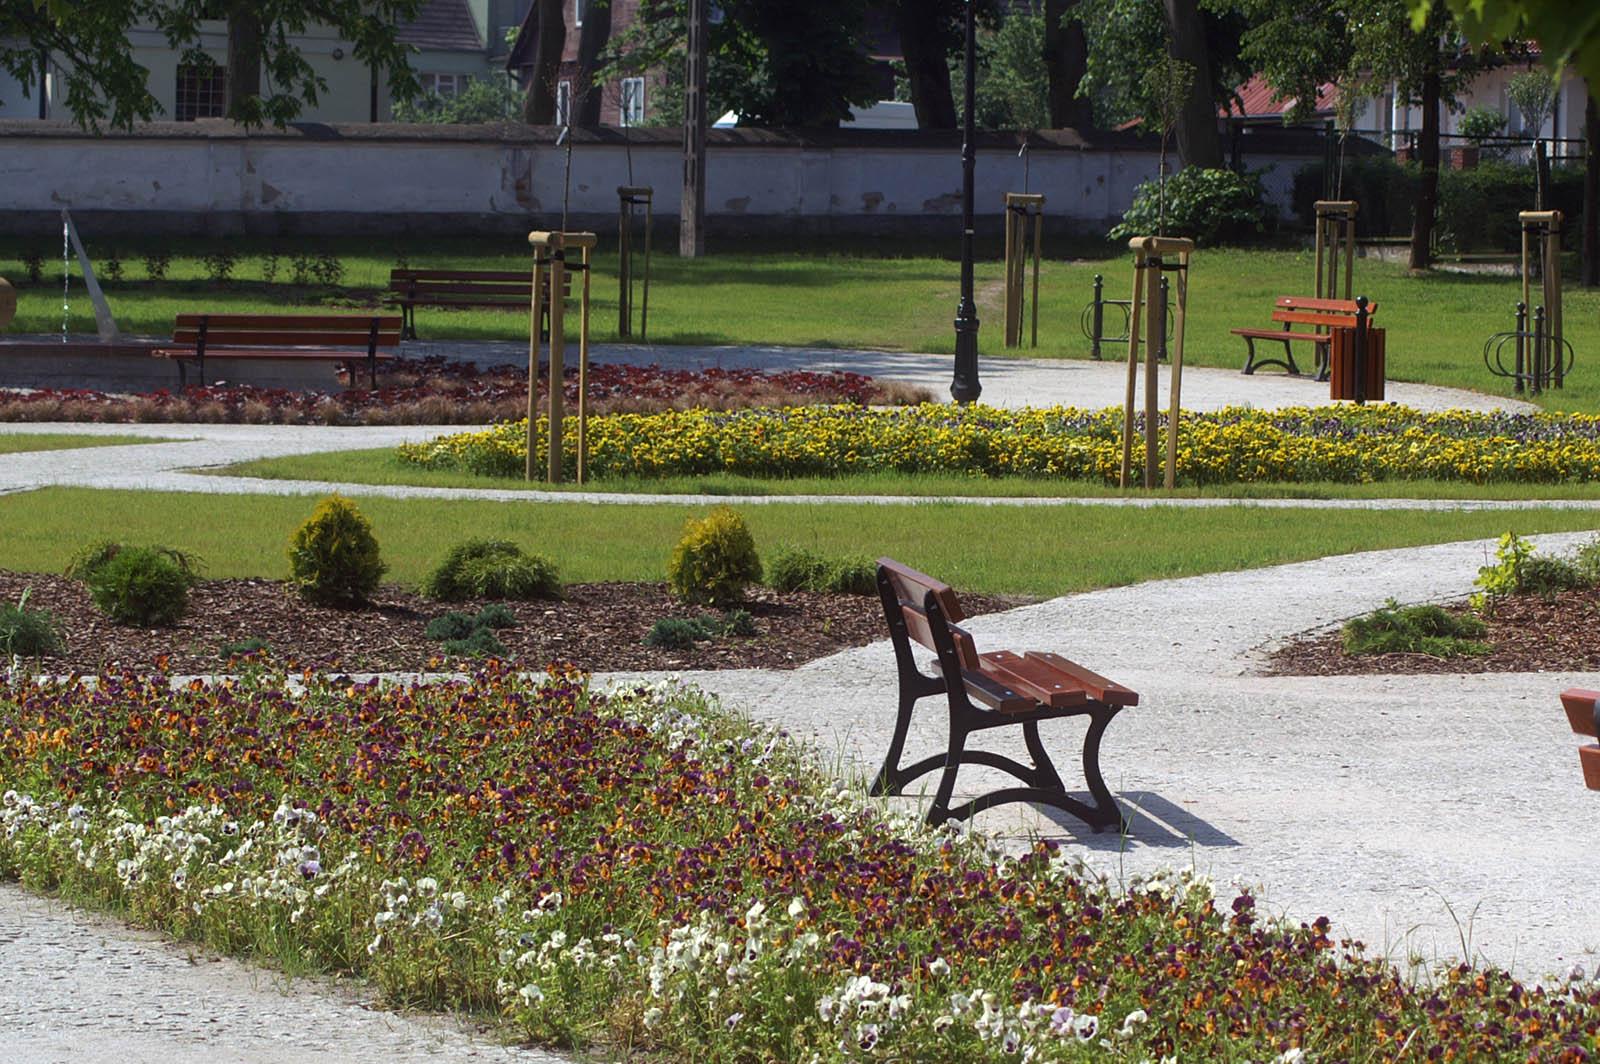 Fontanna - zegar słoneczny w Supraślu